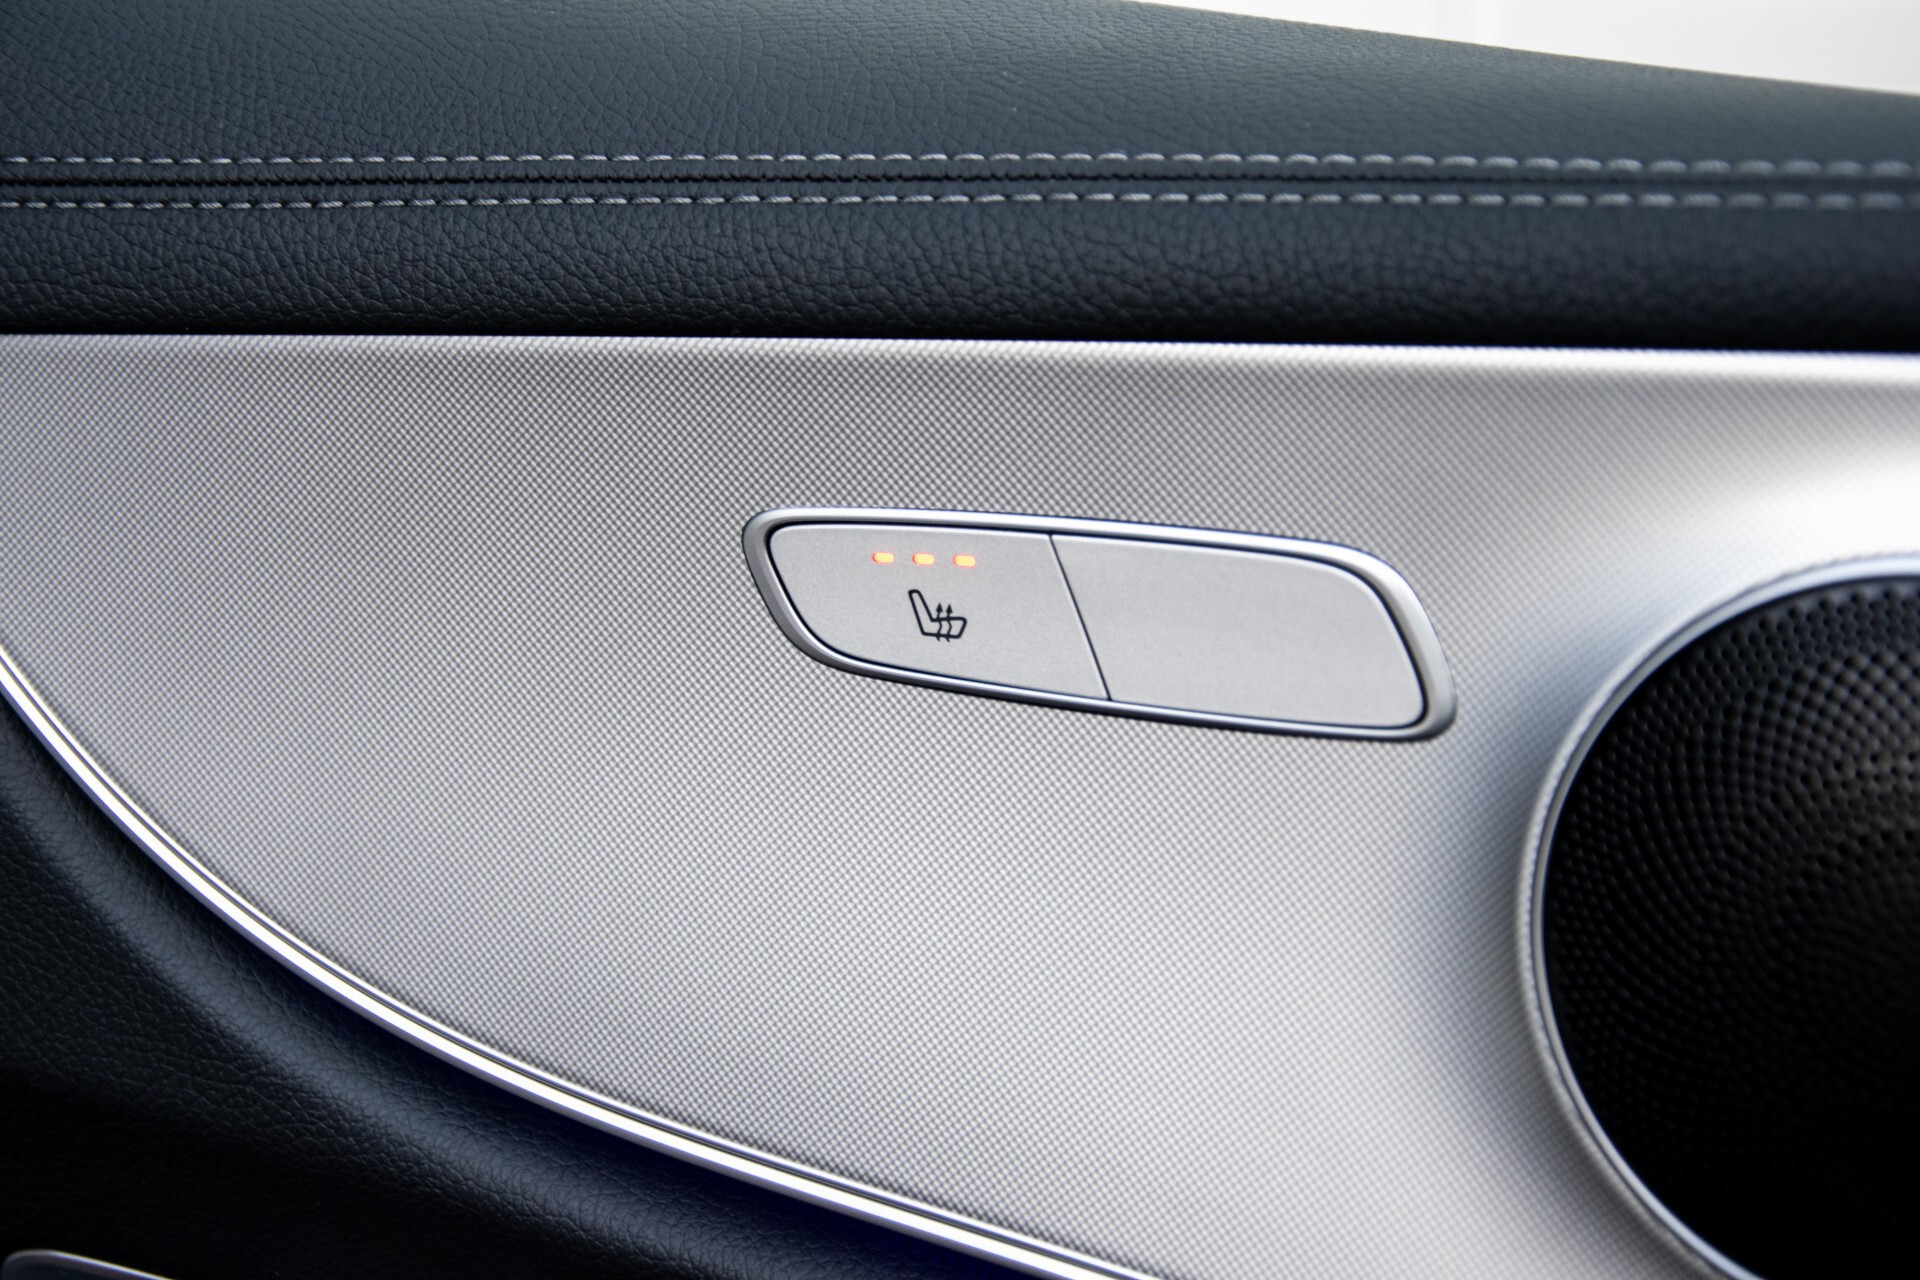 Mercedes-Benz E-Klasse Coupé 200 AMG Panorama/Night/Carbon/Premium/Widescreen/ILS Aut9 Foto 19